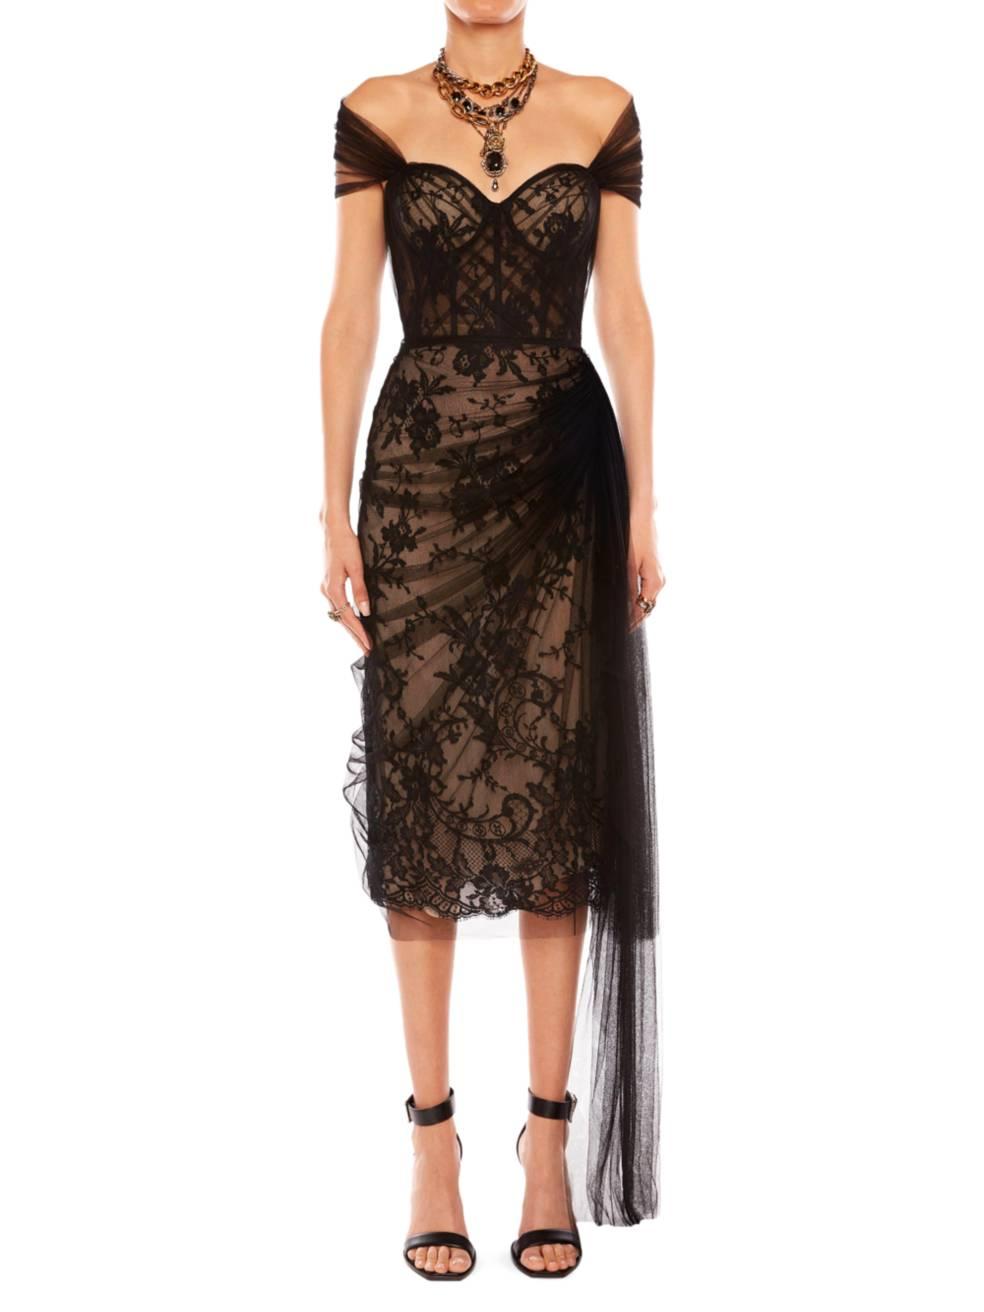 ALEXANDER MCQUEEN Sheer Draped Lace Corset Dress